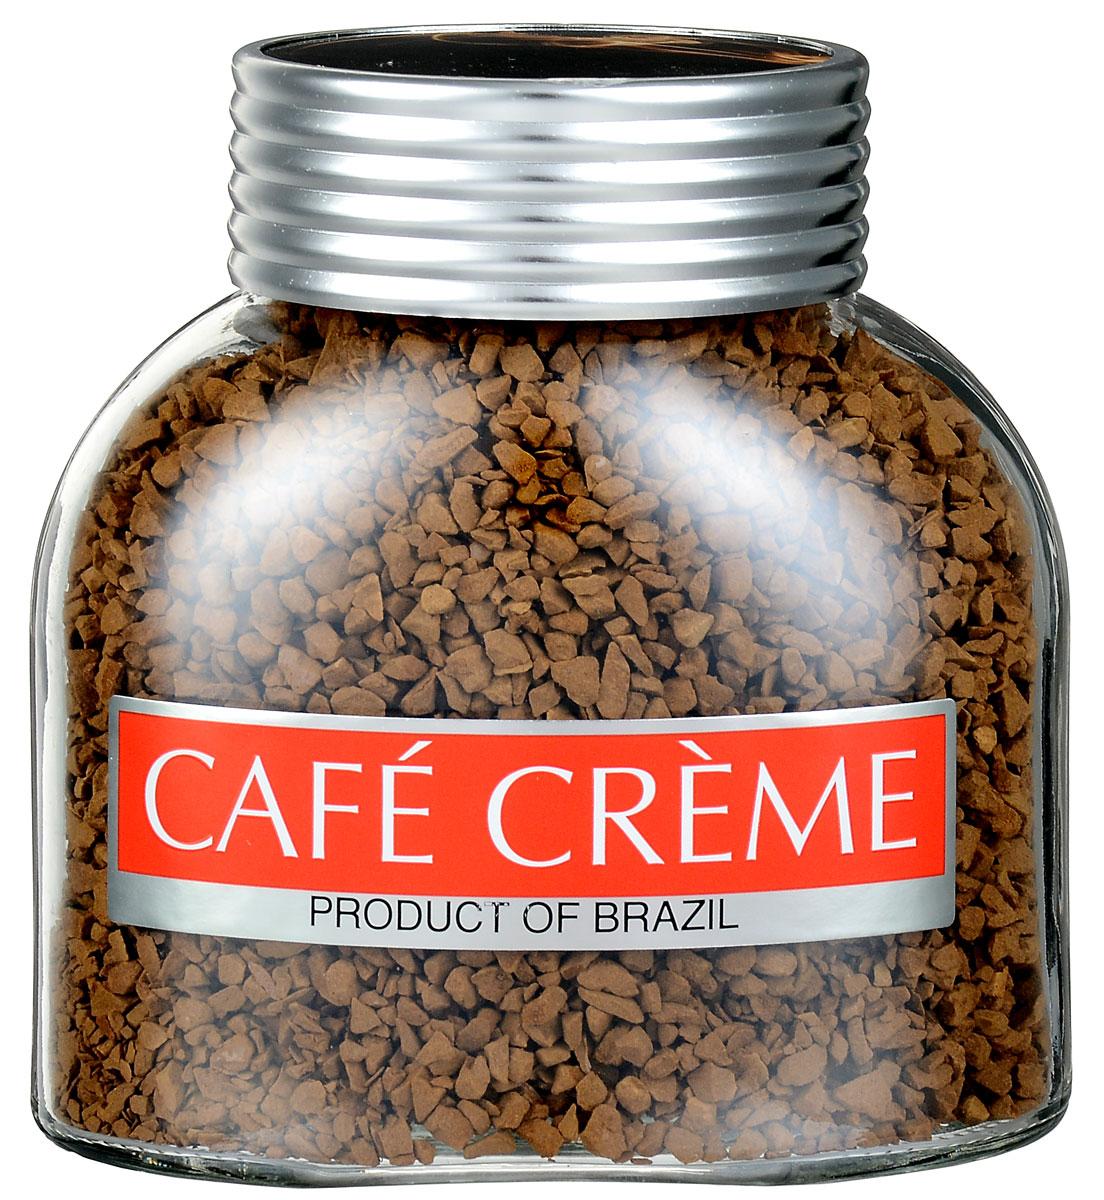 Cafe Creme Original кофе растворимый, 100 г (банка)4607141332173Cafe Creme Original - растворимый кофе высшего качества. Добавив в этот напиток две чайные ложечки меда и лимонный сок по вкусу, можно приготовить легендарный напиток здоровья и долголетия, укрепляющий иммунитет. Именно его употребляют в течение дня жители Эспирито-Санто, горной местности на юго-востоке Бразилии, где произрастает один из лучших сортов бразильской арабики.